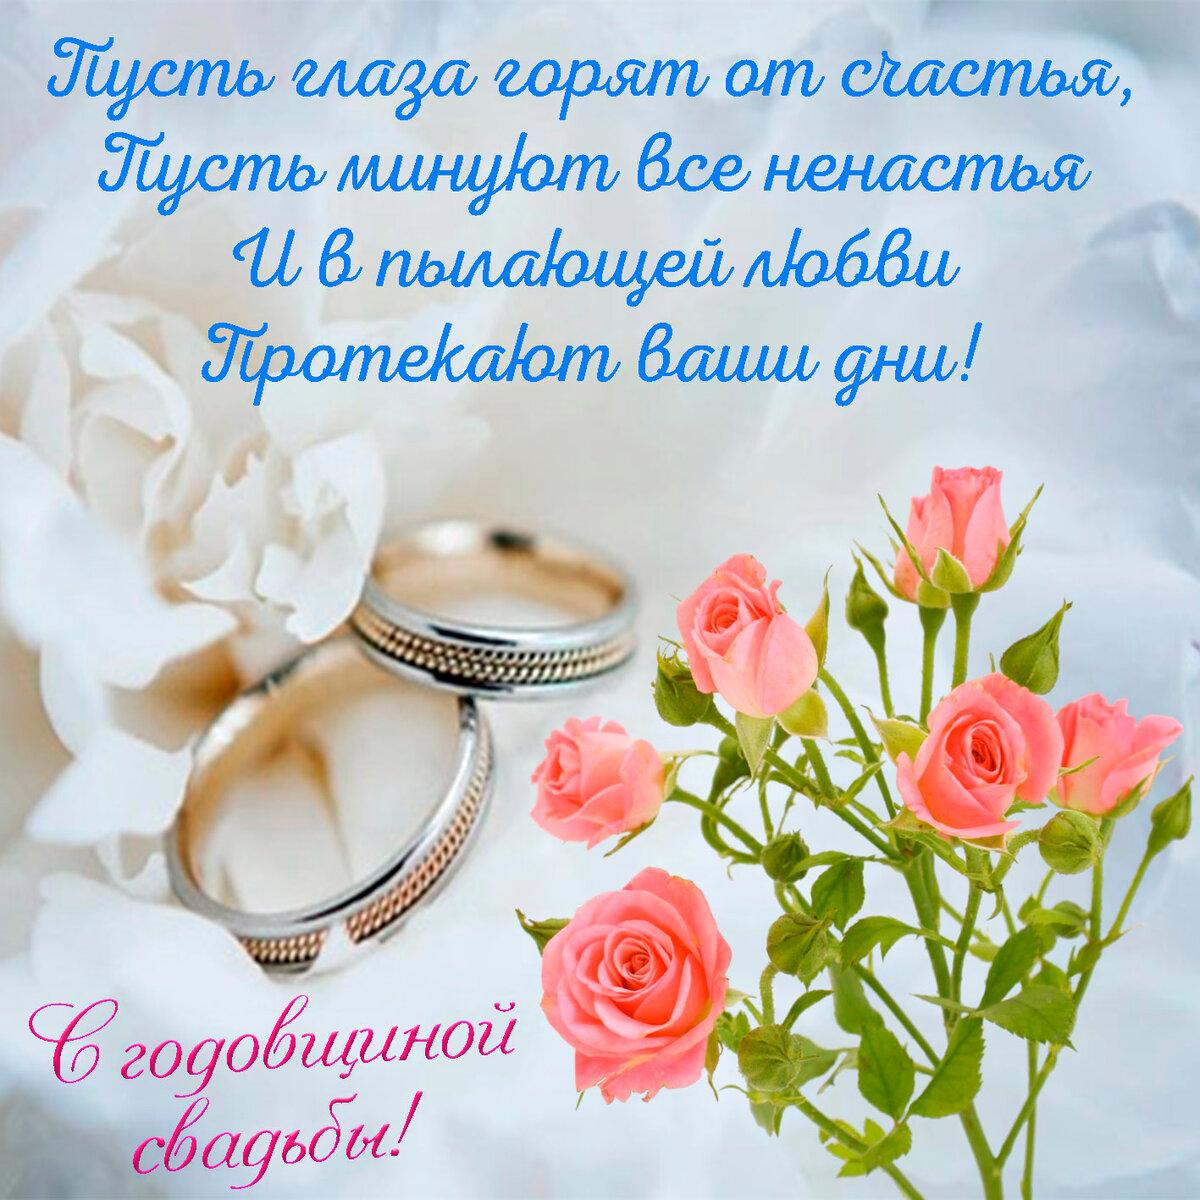 1 год свадьбы поздравления своими словами